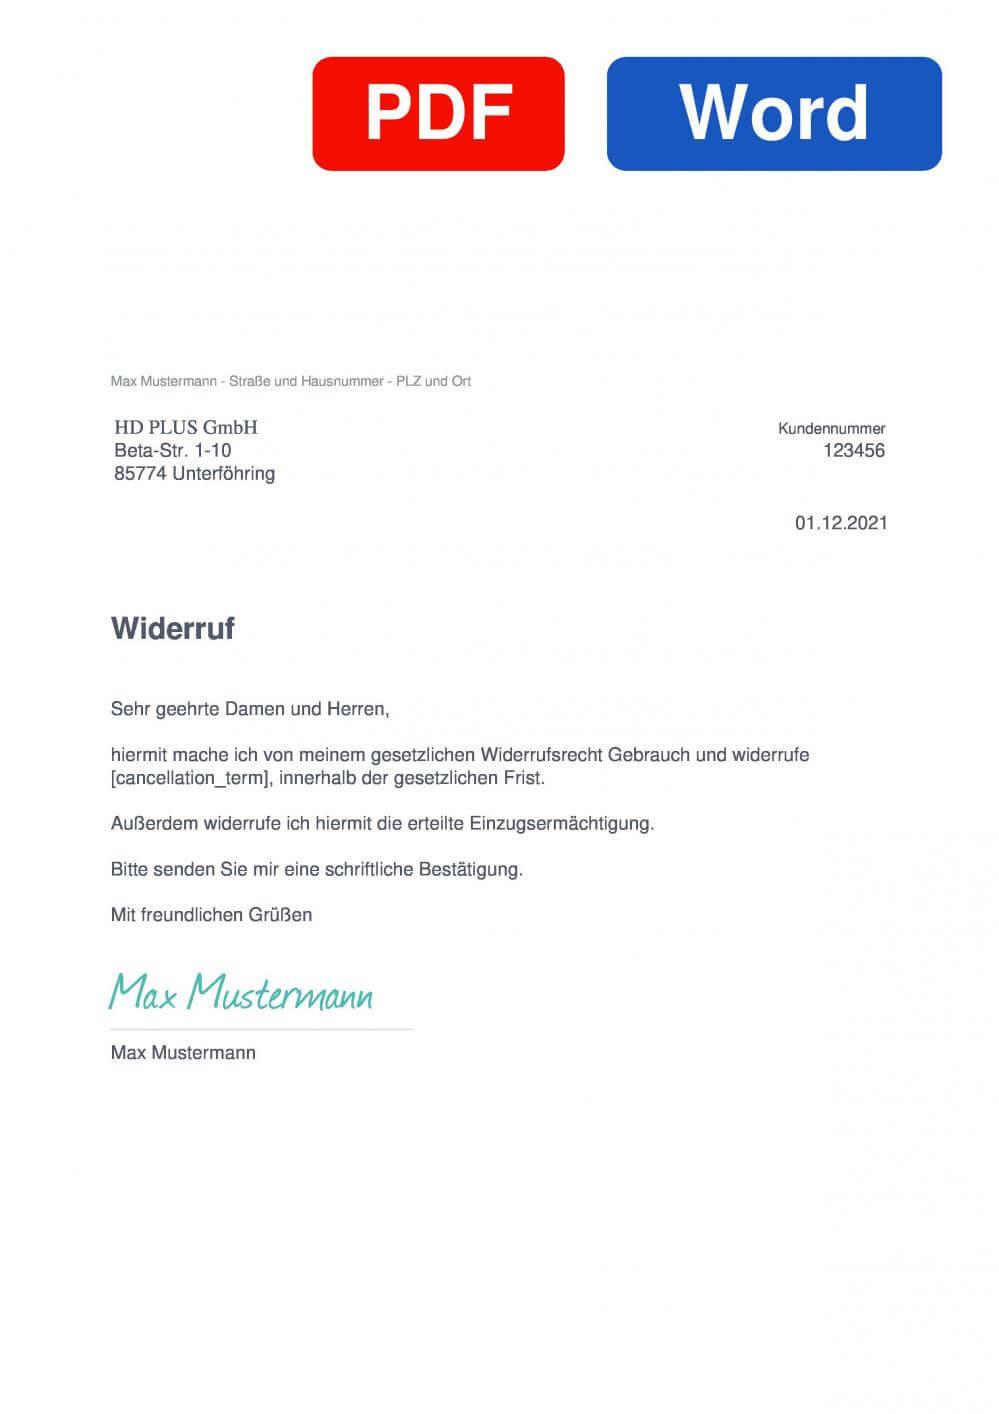 HD PLUS GmbH Muster Vorlage für Wiederrufsschreiben